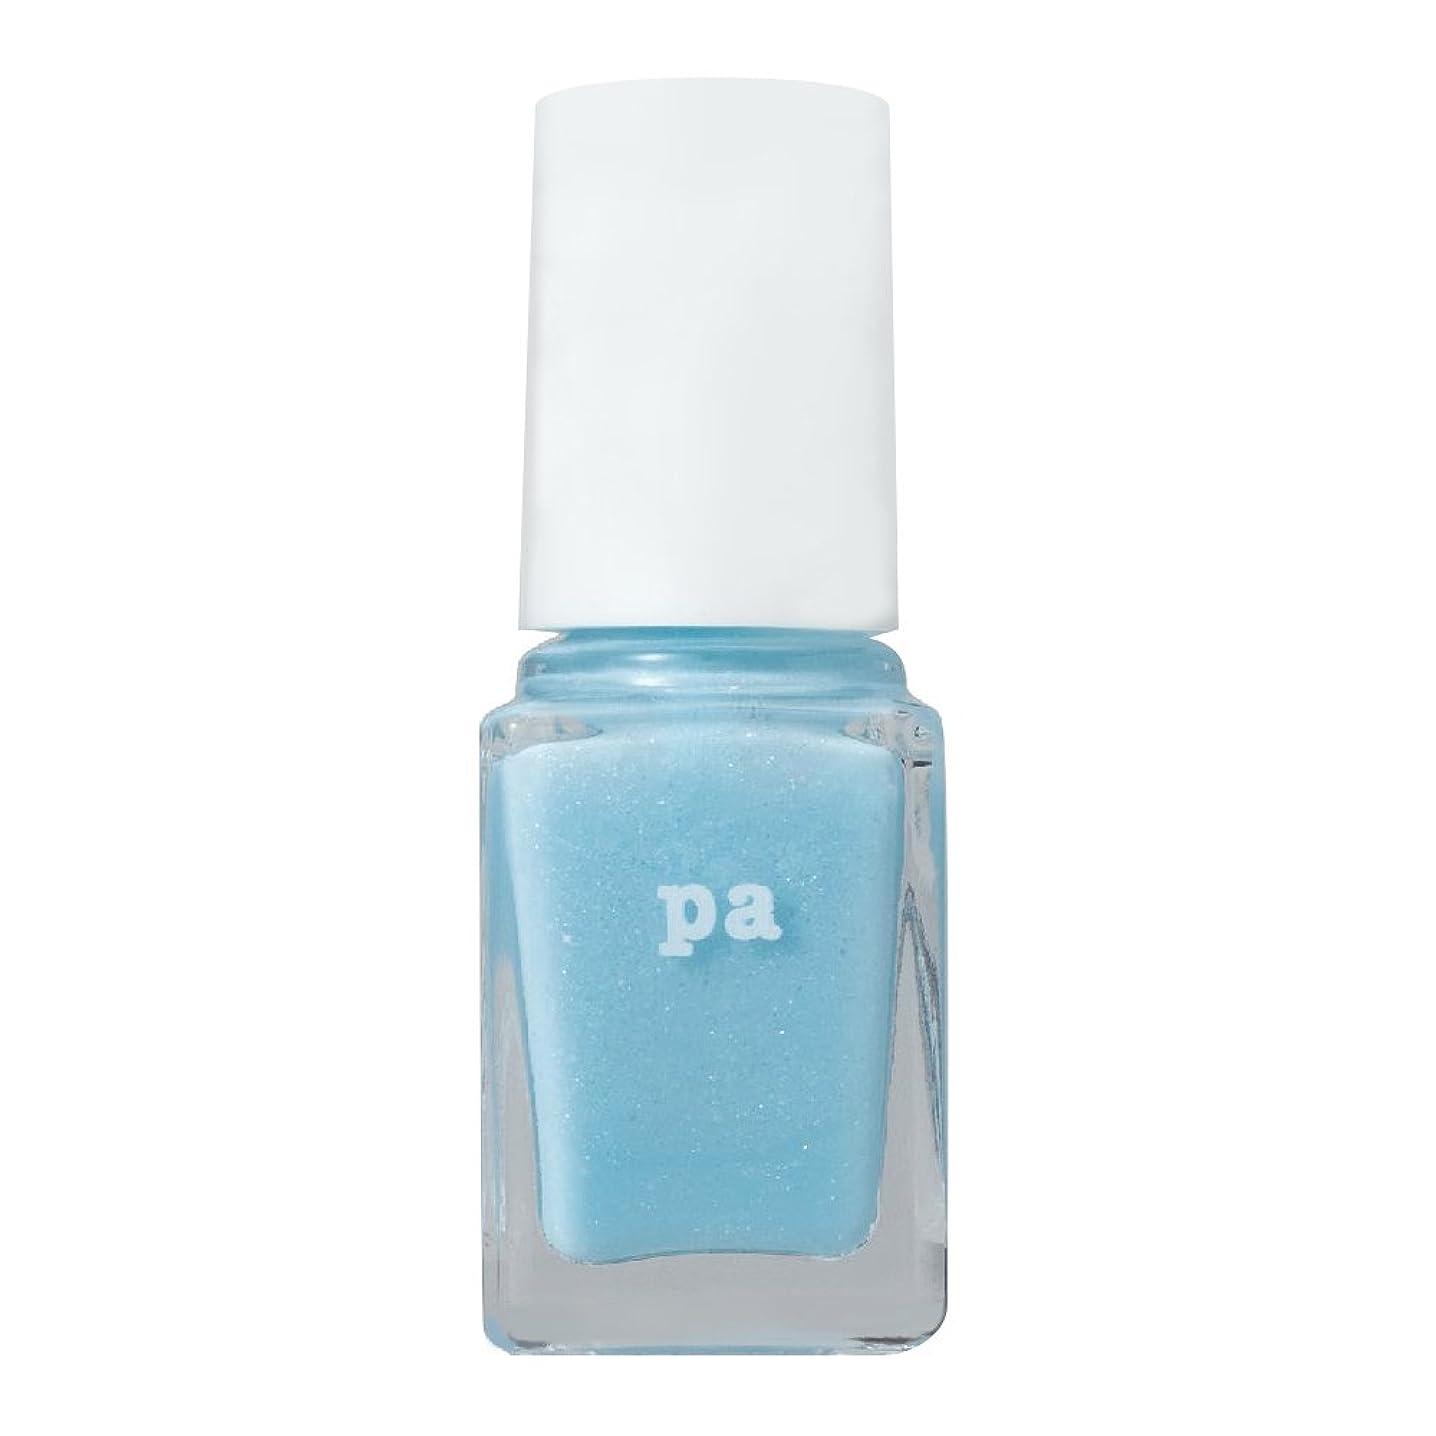 下にはがき染色pa ネイルカラー プレミア AA173 (6mL)